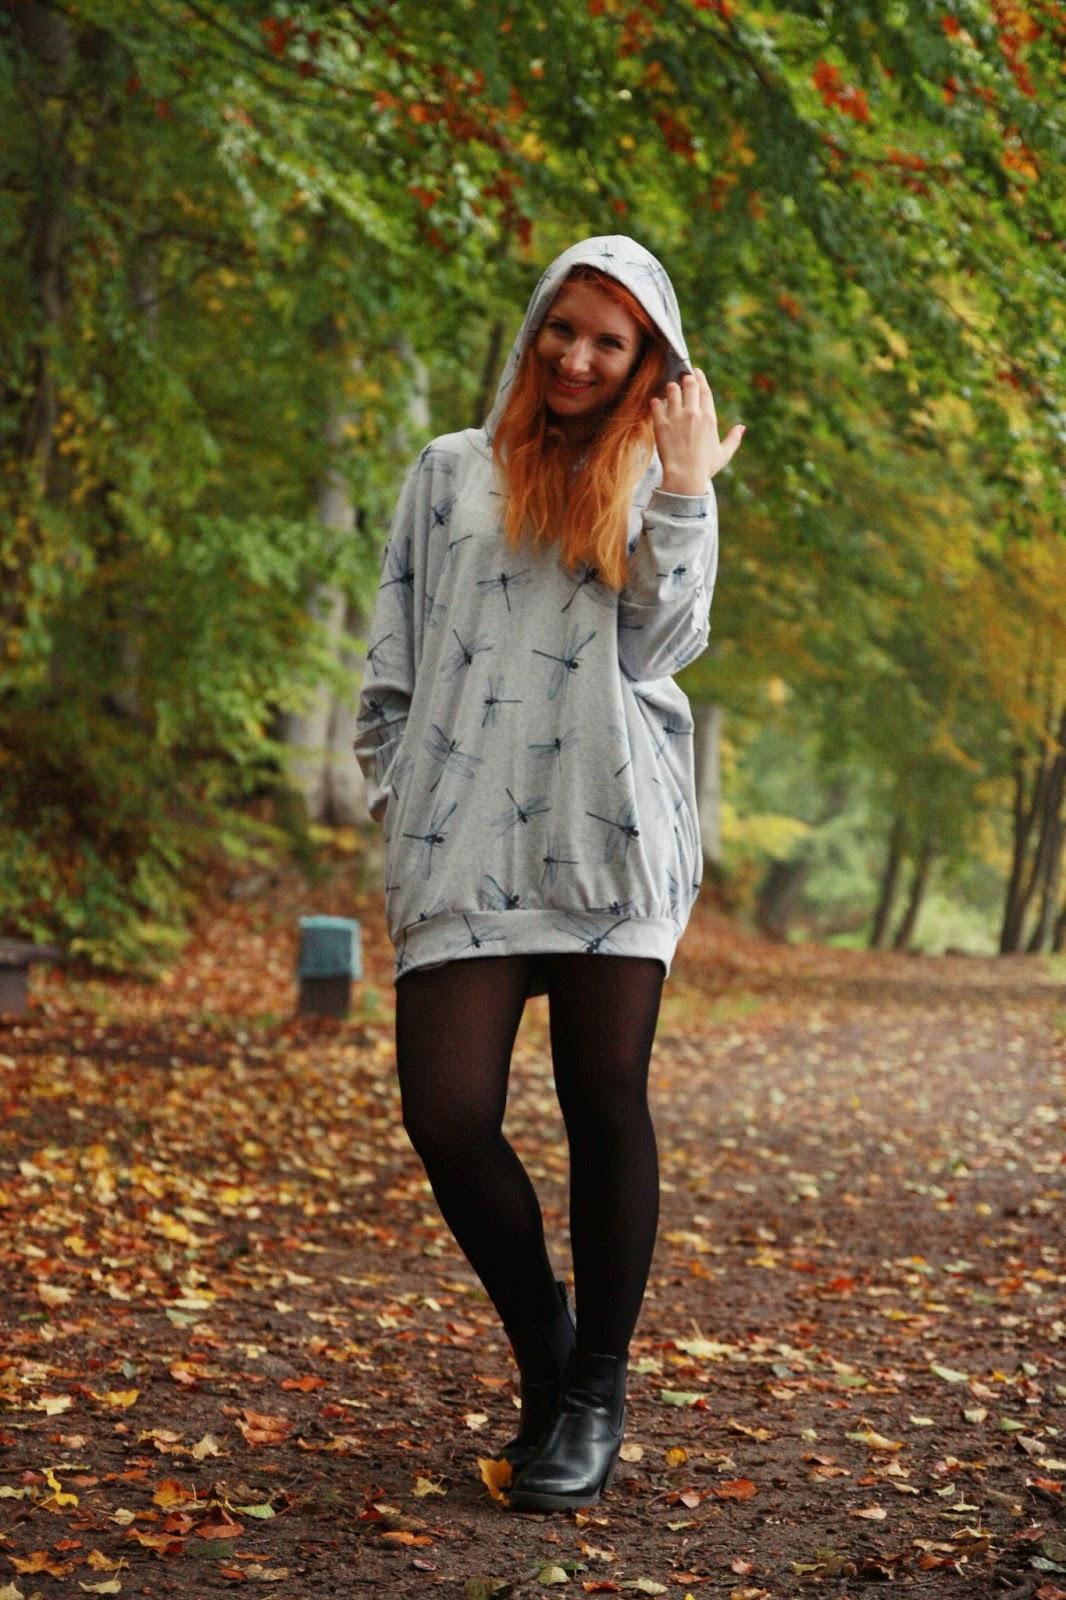 Bluza oversize w ważki- stylizacja